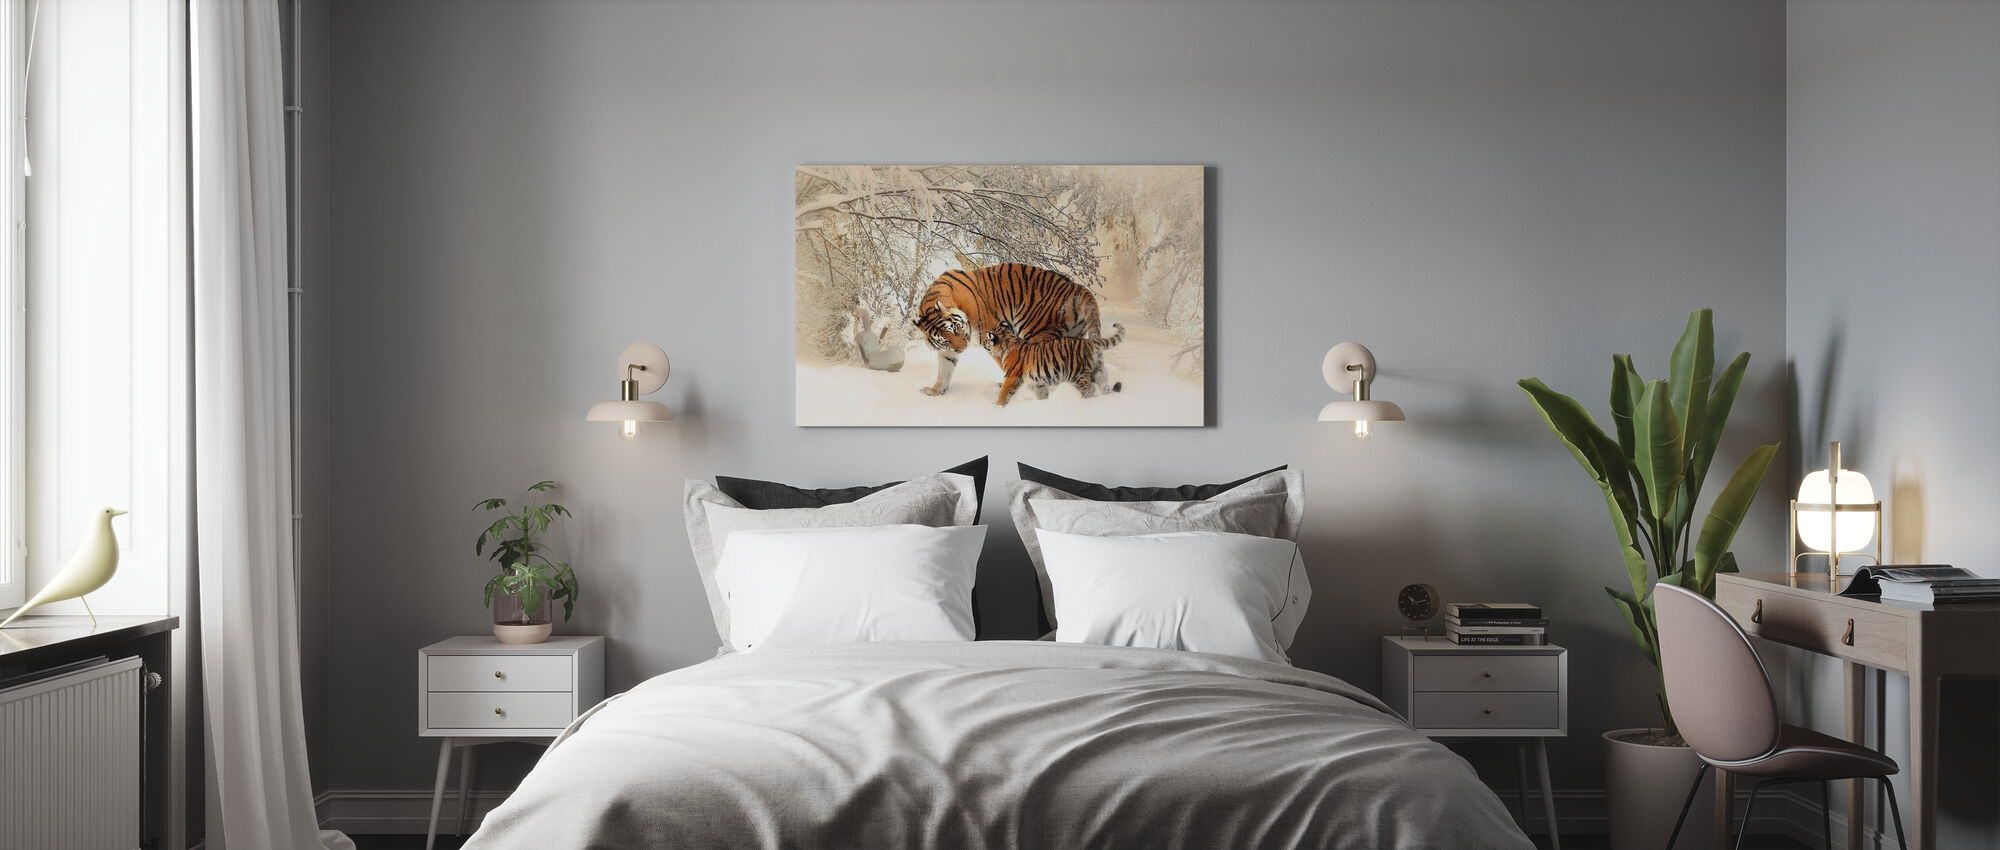 Tijger met jonge welp - Canvas print - Slaapkamer